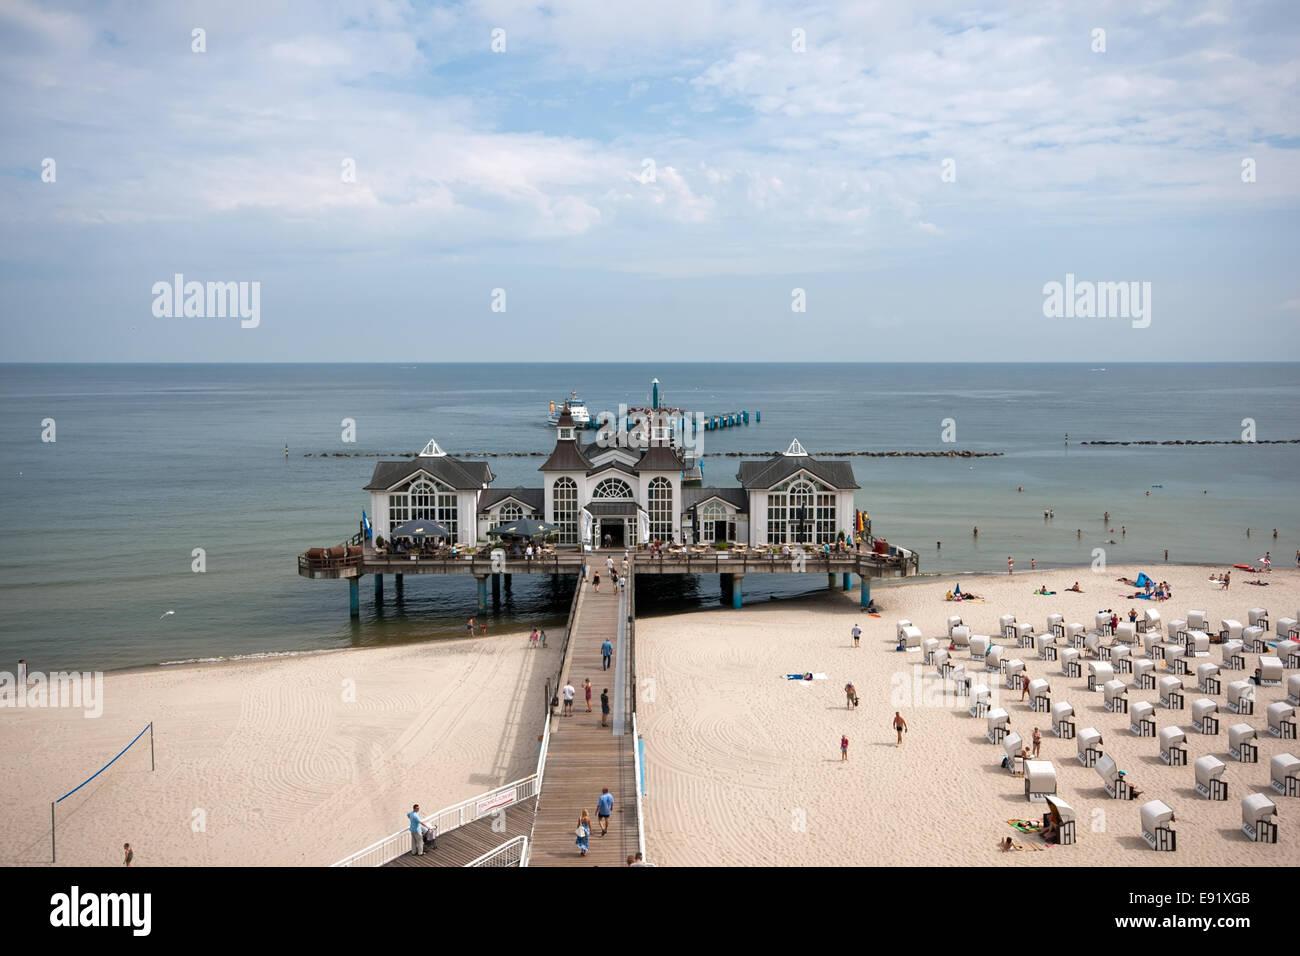 Pier of Sellin, Ruegen, Germany Stock Photo